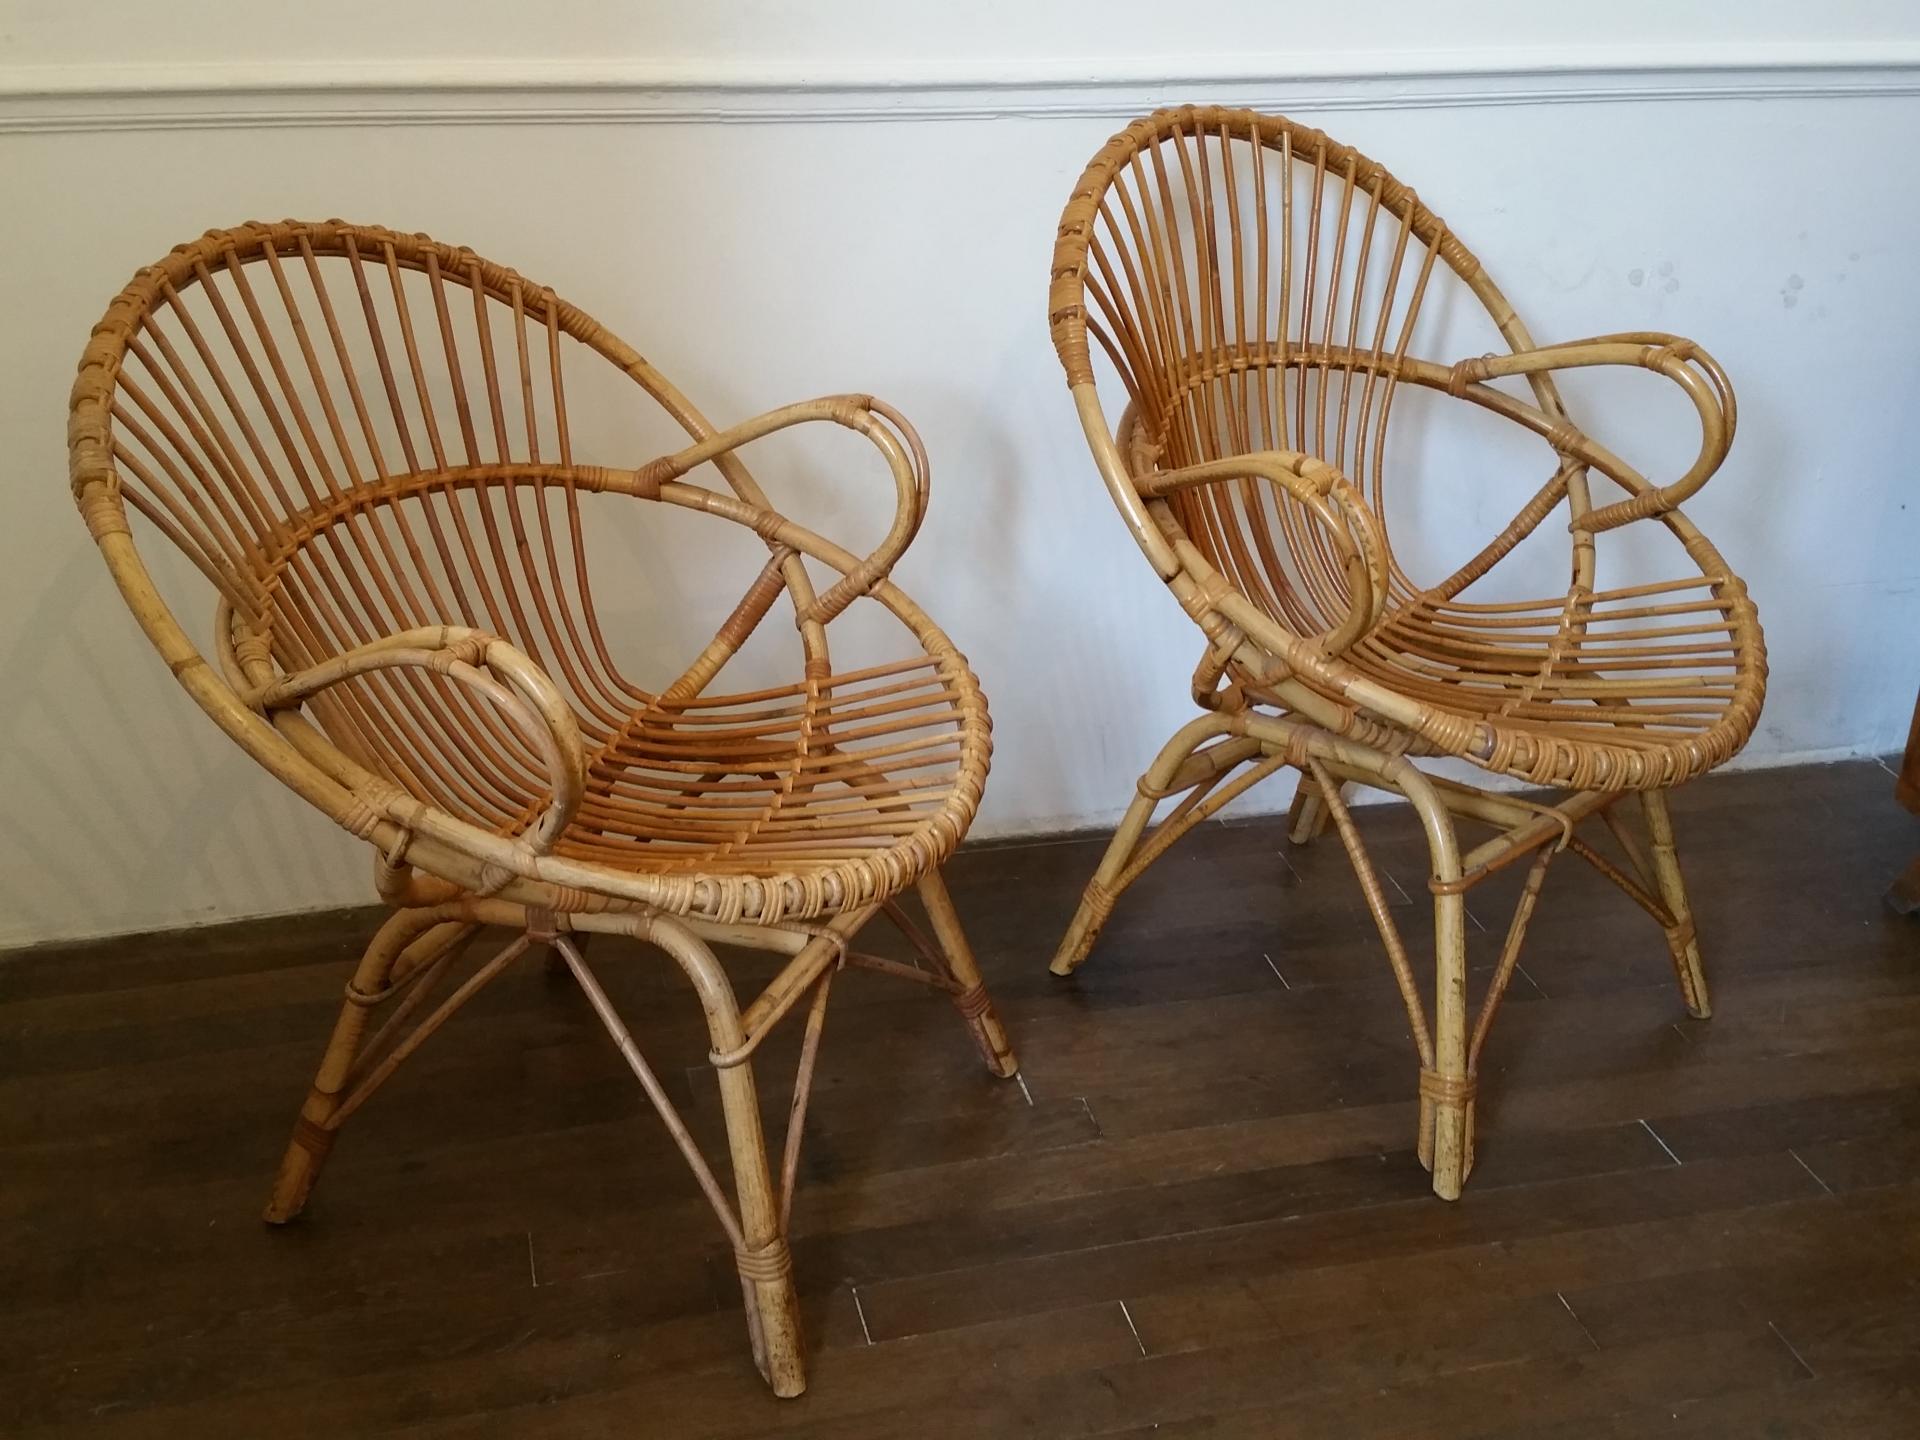 2 fauteuils en osier